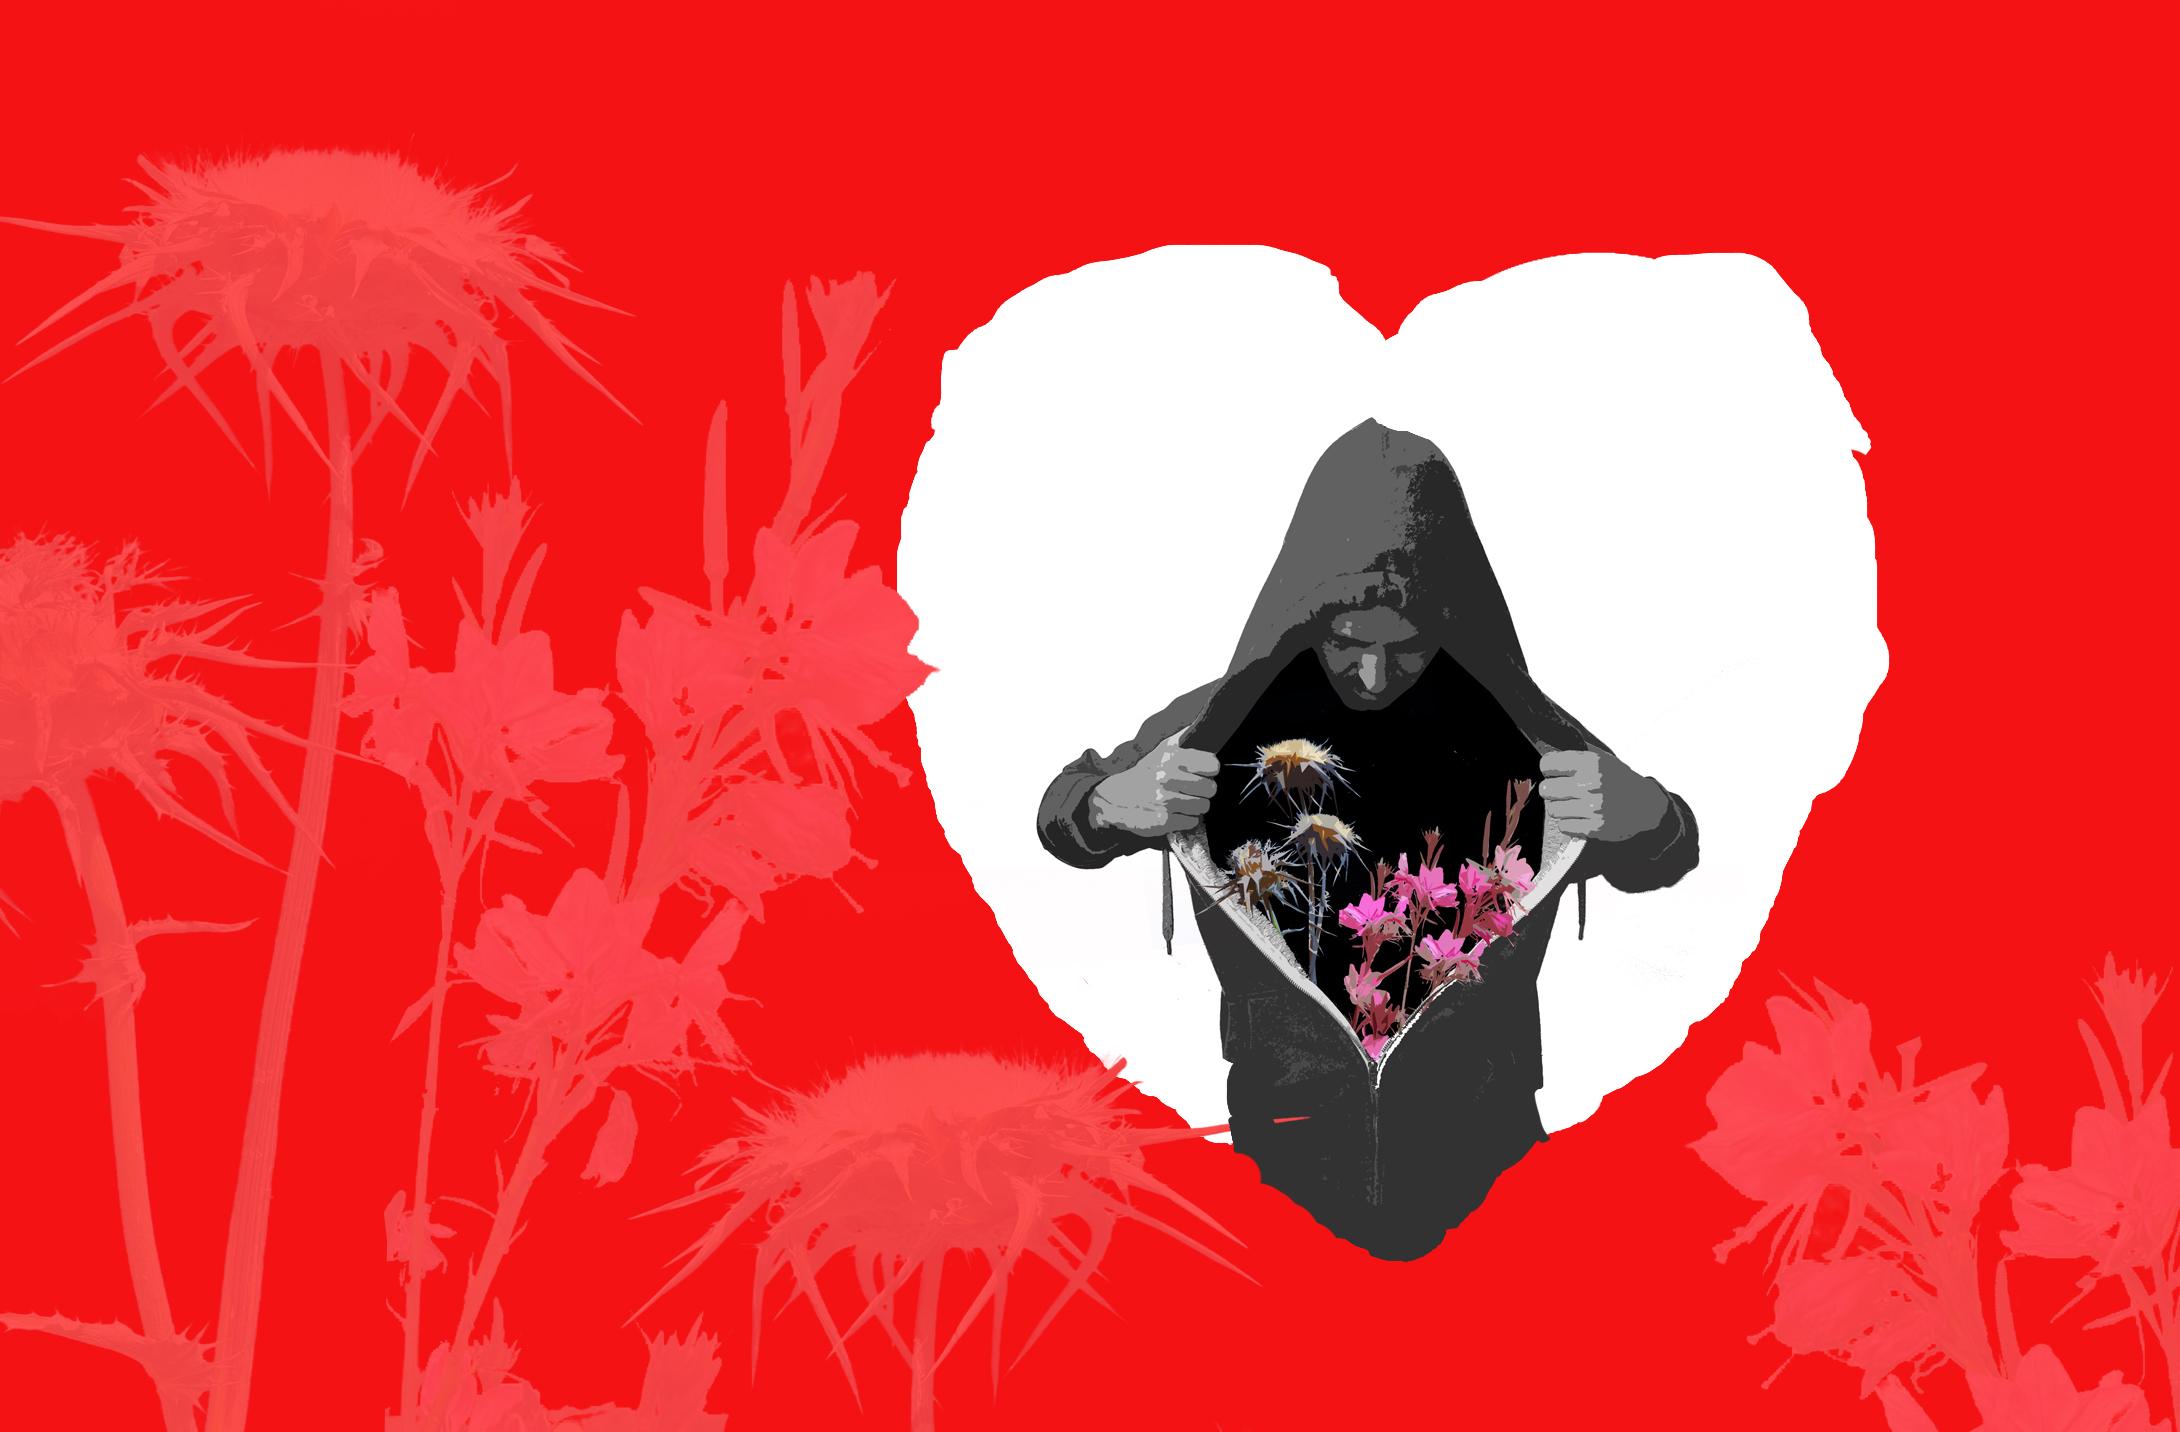 בואו לא נדבר על אהבה- התאמה לפייסבוק-פרחים2